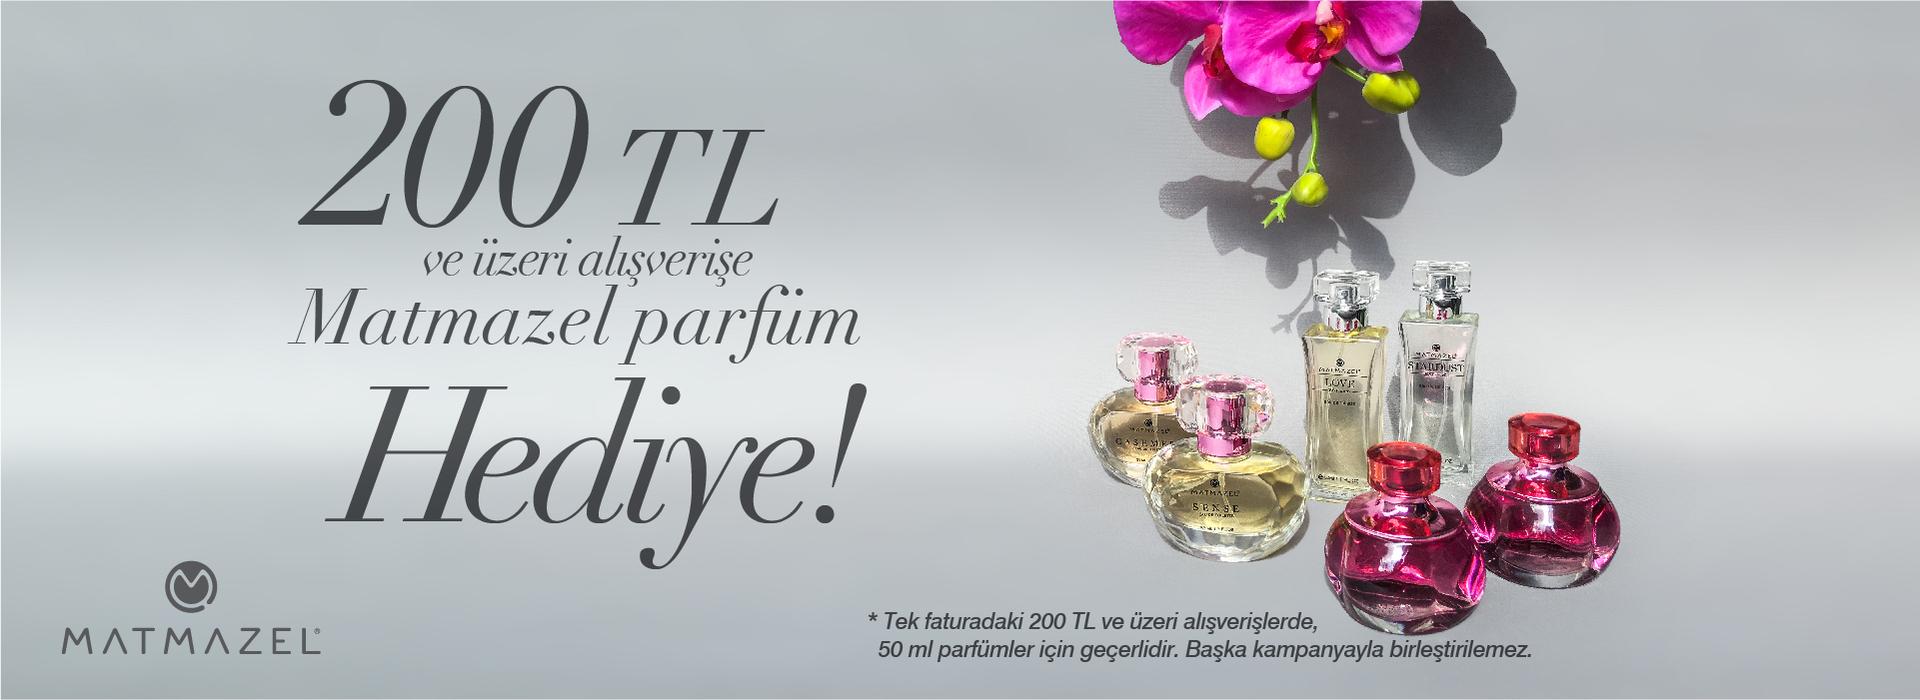 Matmazel - 200 TL ve Üzeri Alışverişe Matmazel Parfüm Hediye …